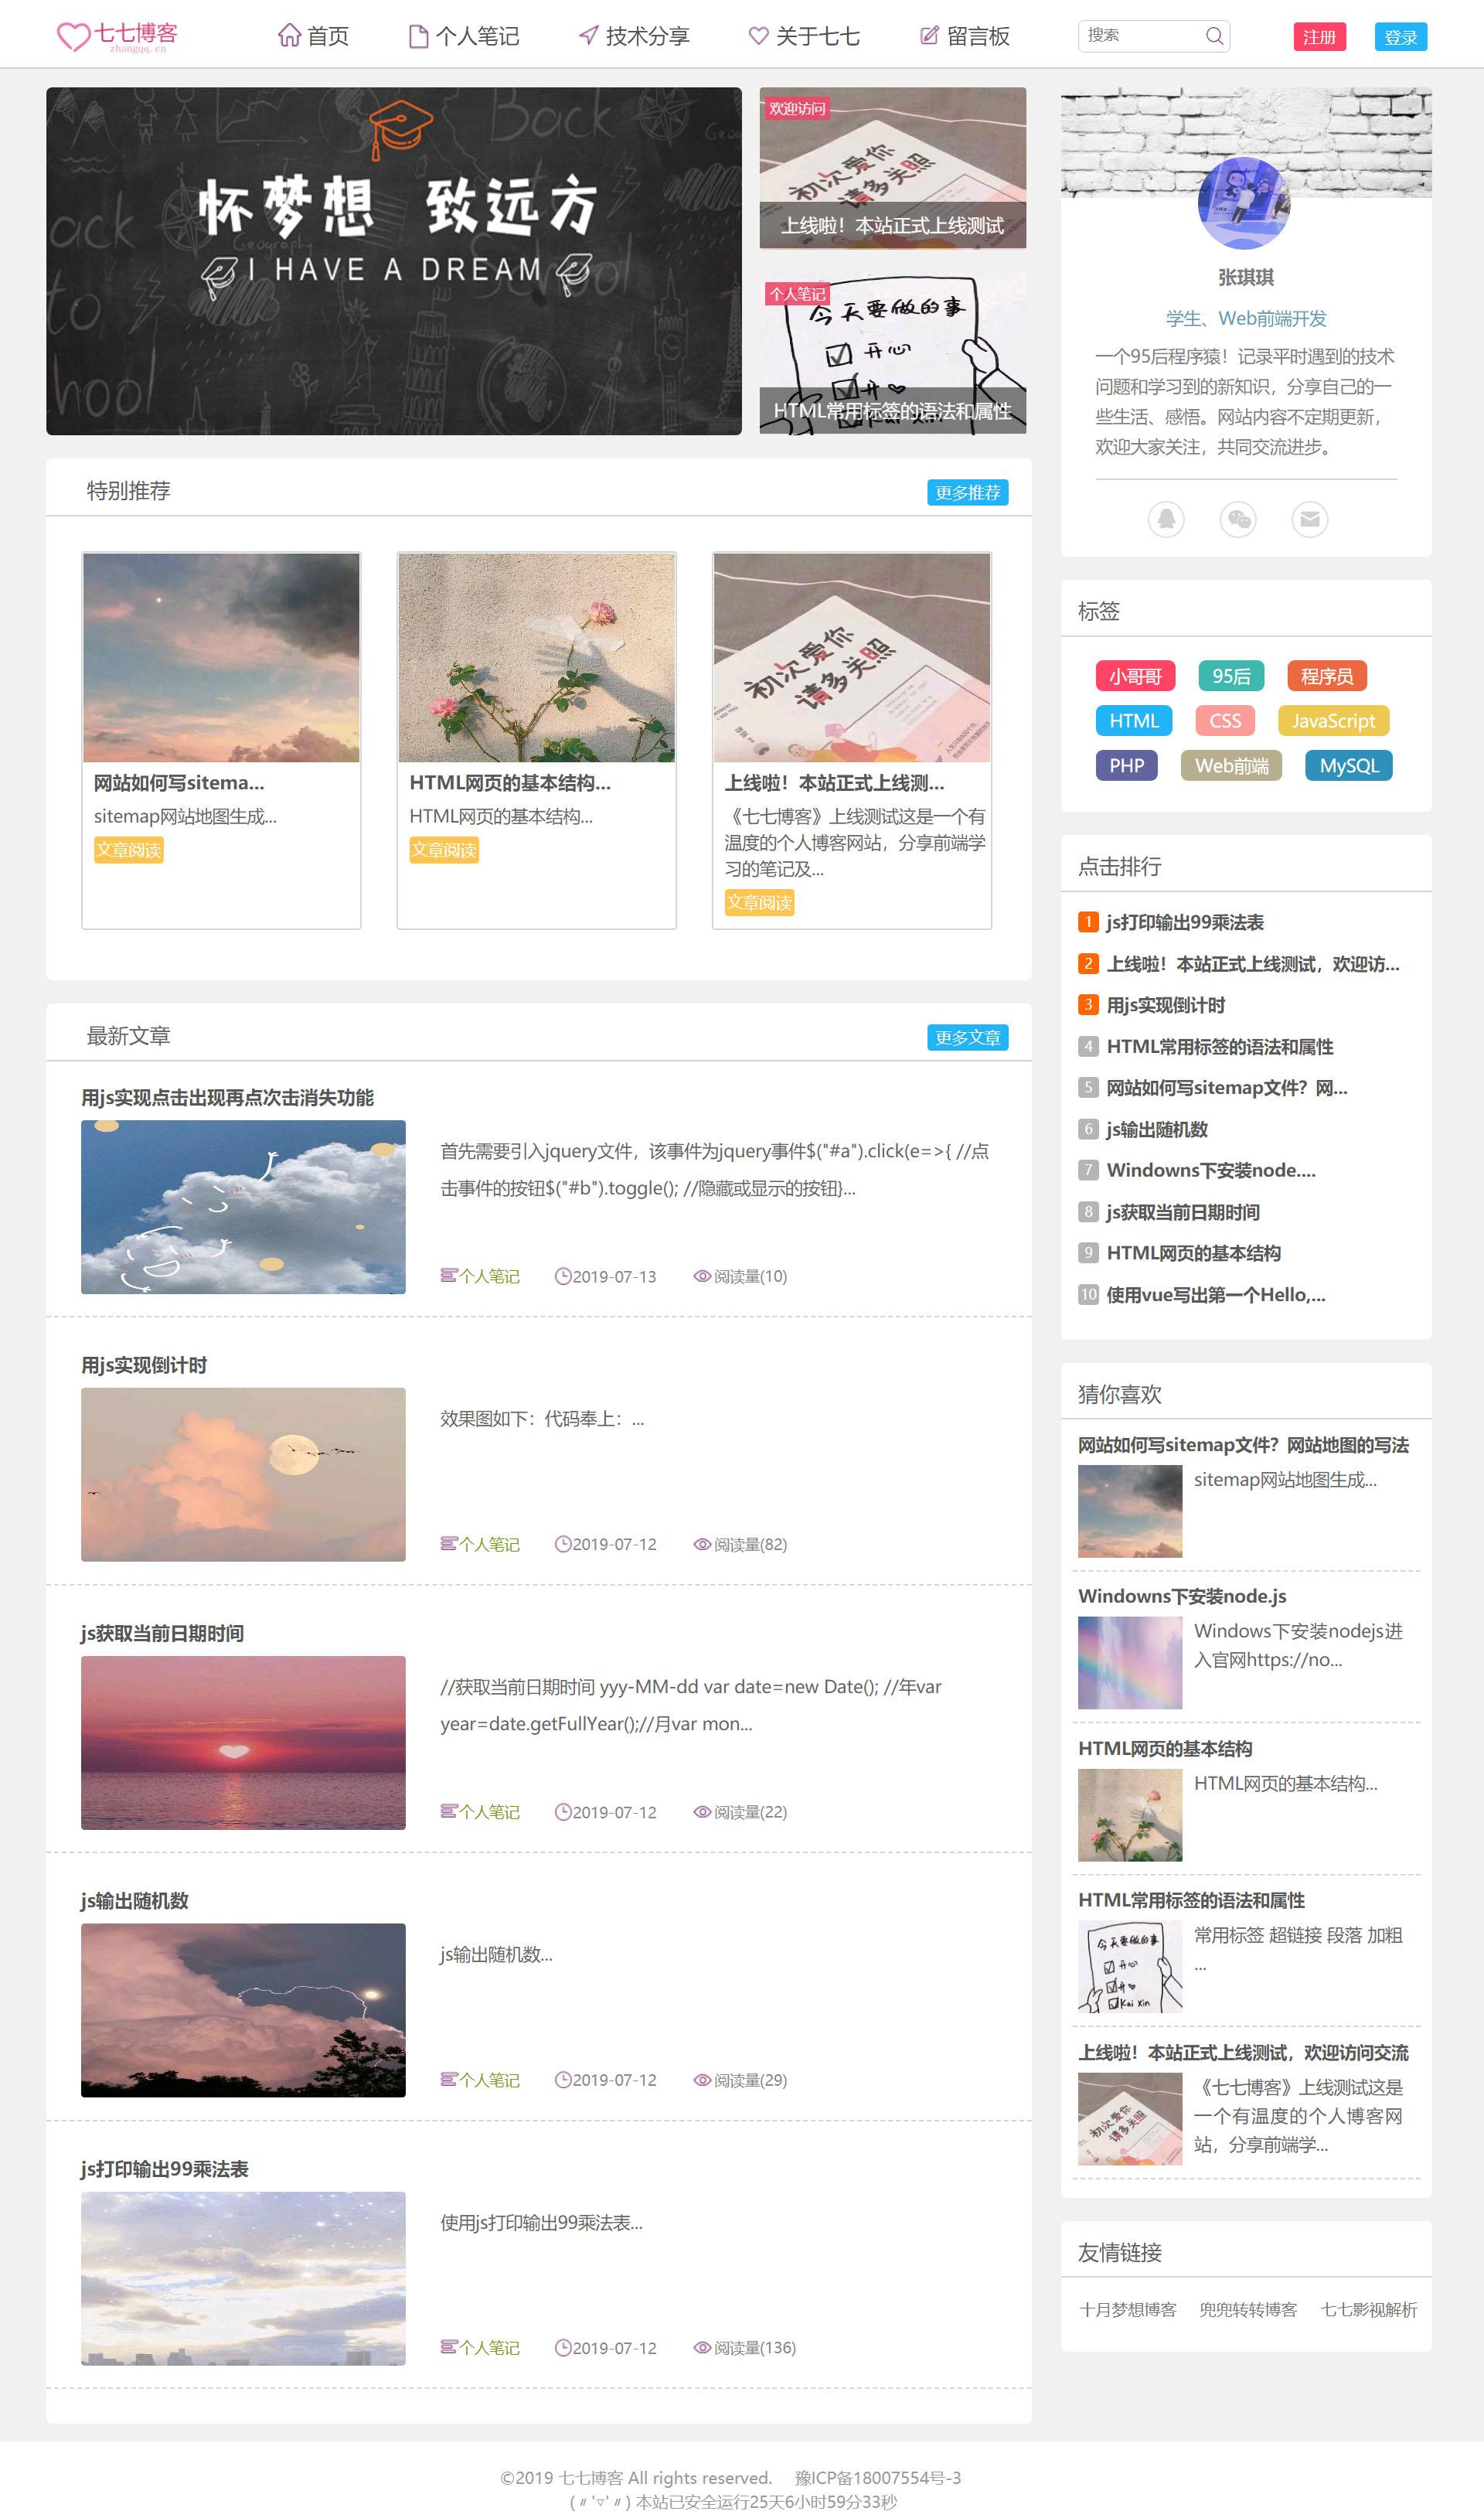 七七博客-前端个人博客网站.jpg